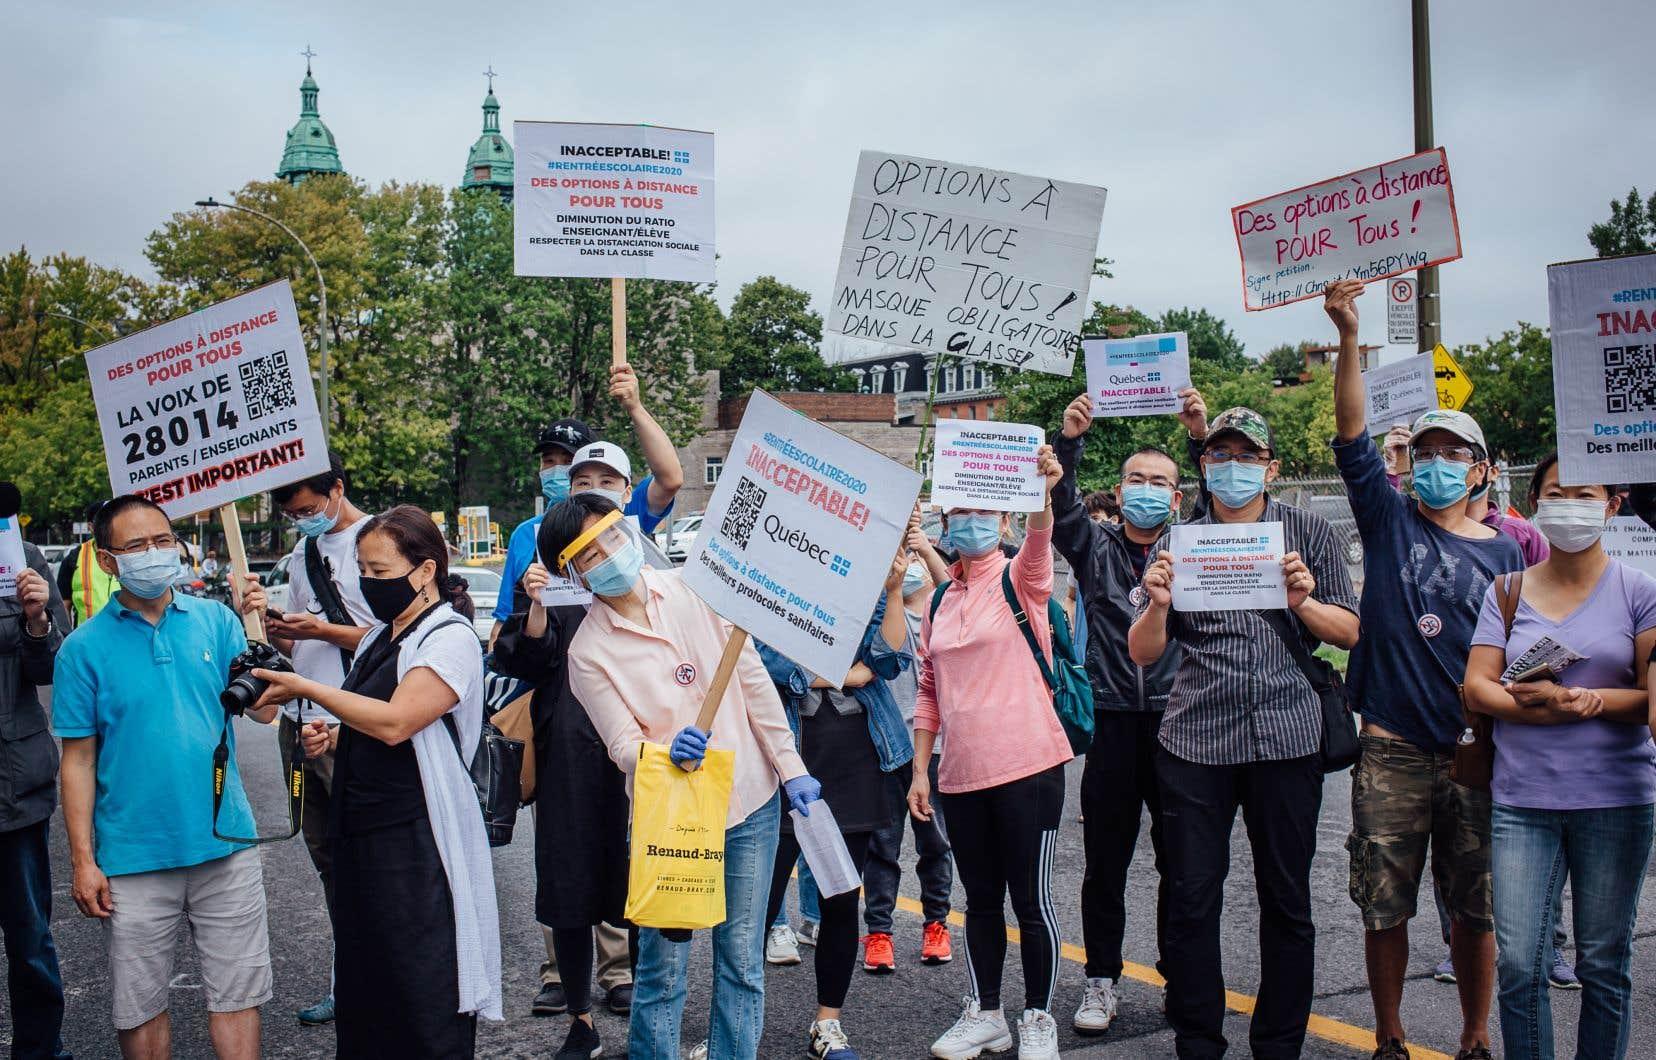 La première revendication des manifestants est de diminuer les ratios d'élèves par enseignant.